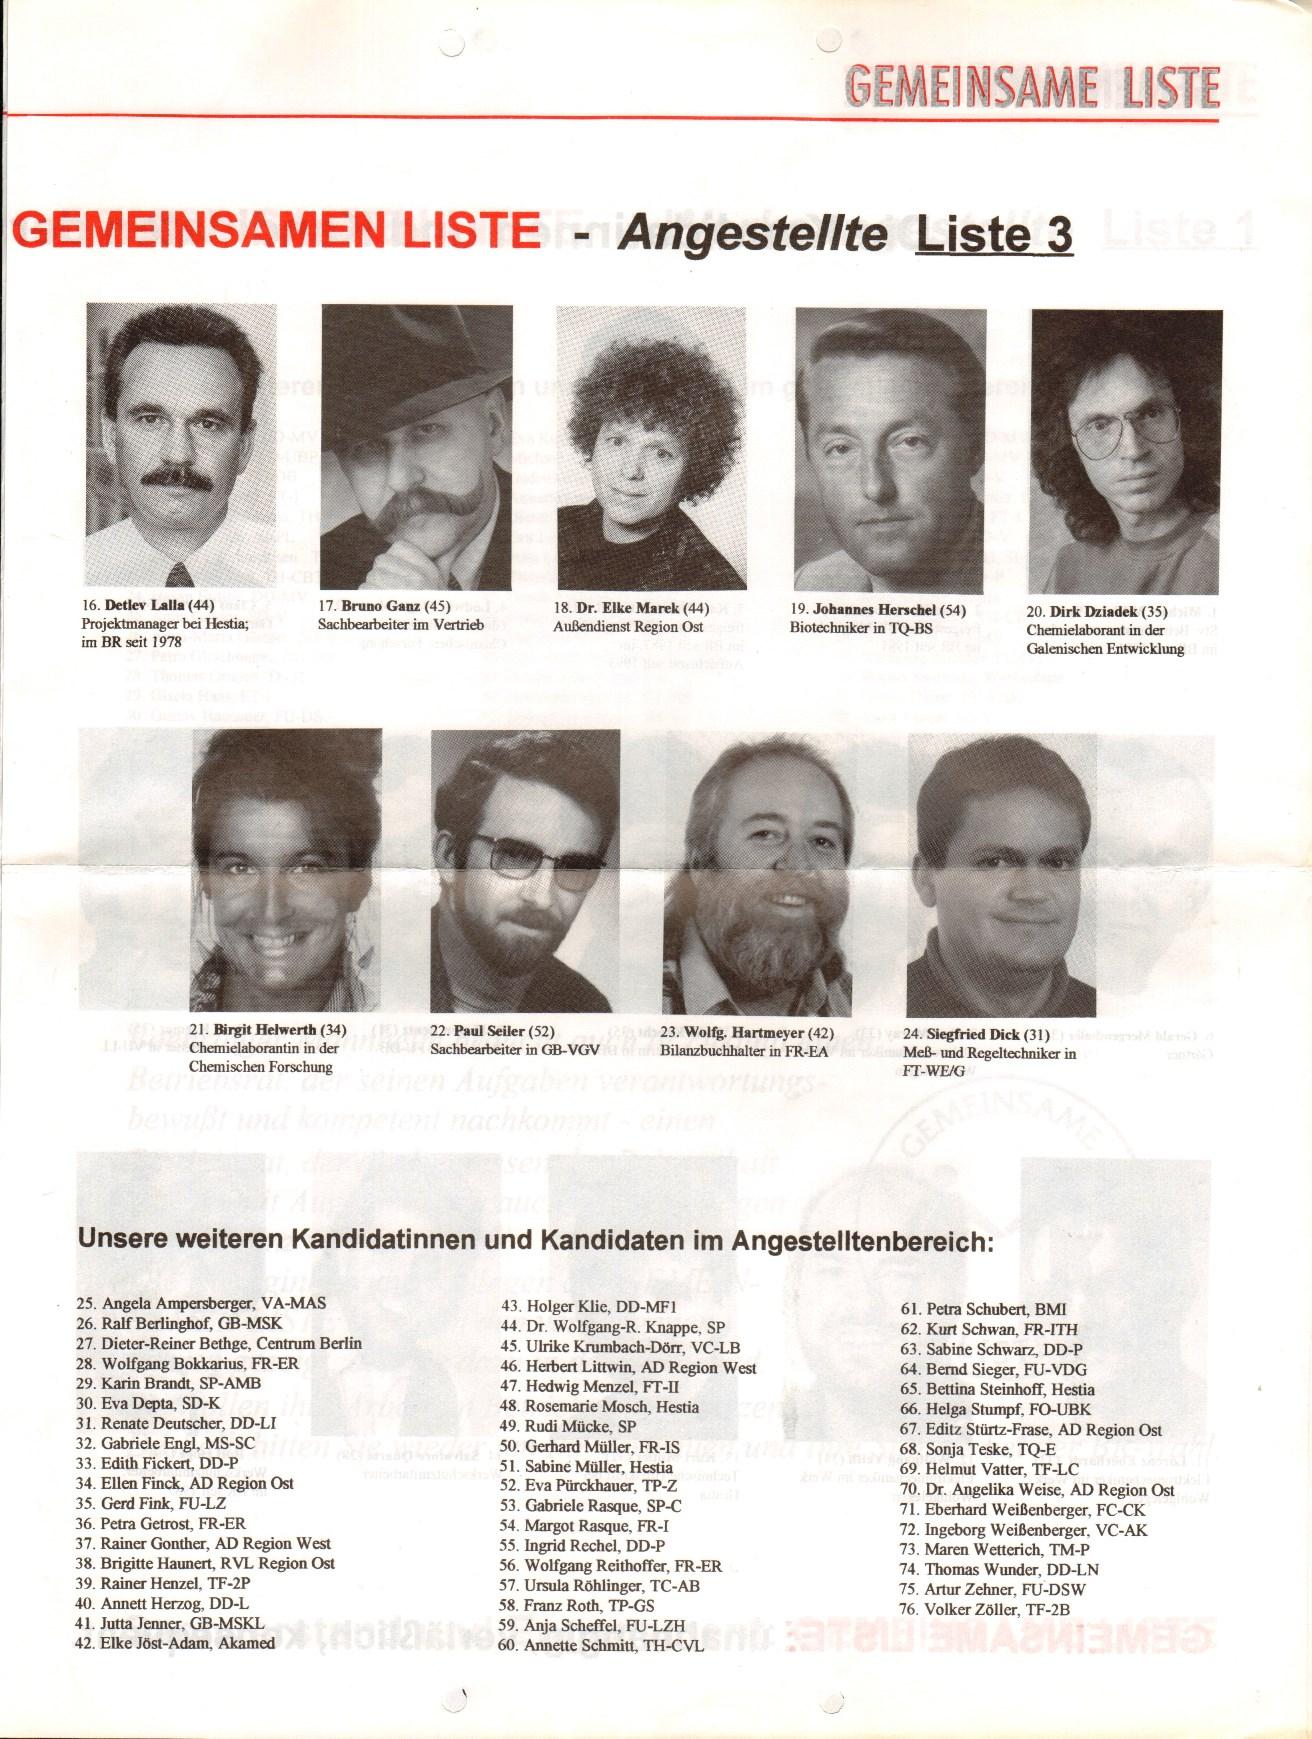 Mannheim_Boehringer_Gemeinsame_Liste_1994_02_03